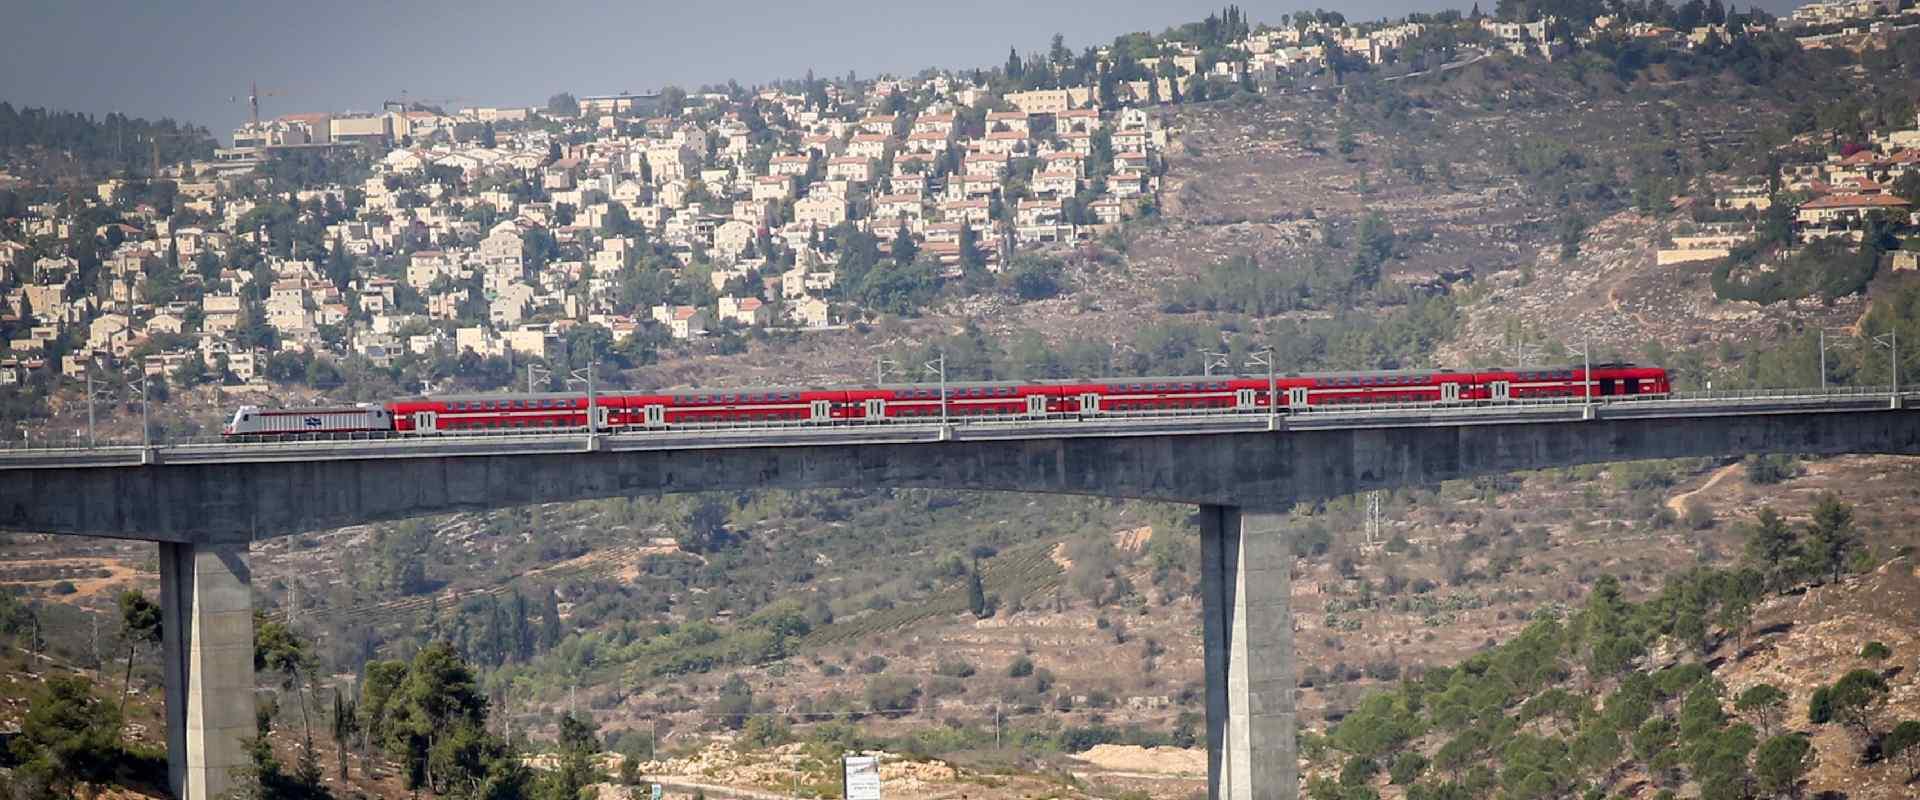 קו הרכבת המהיר לירושלים